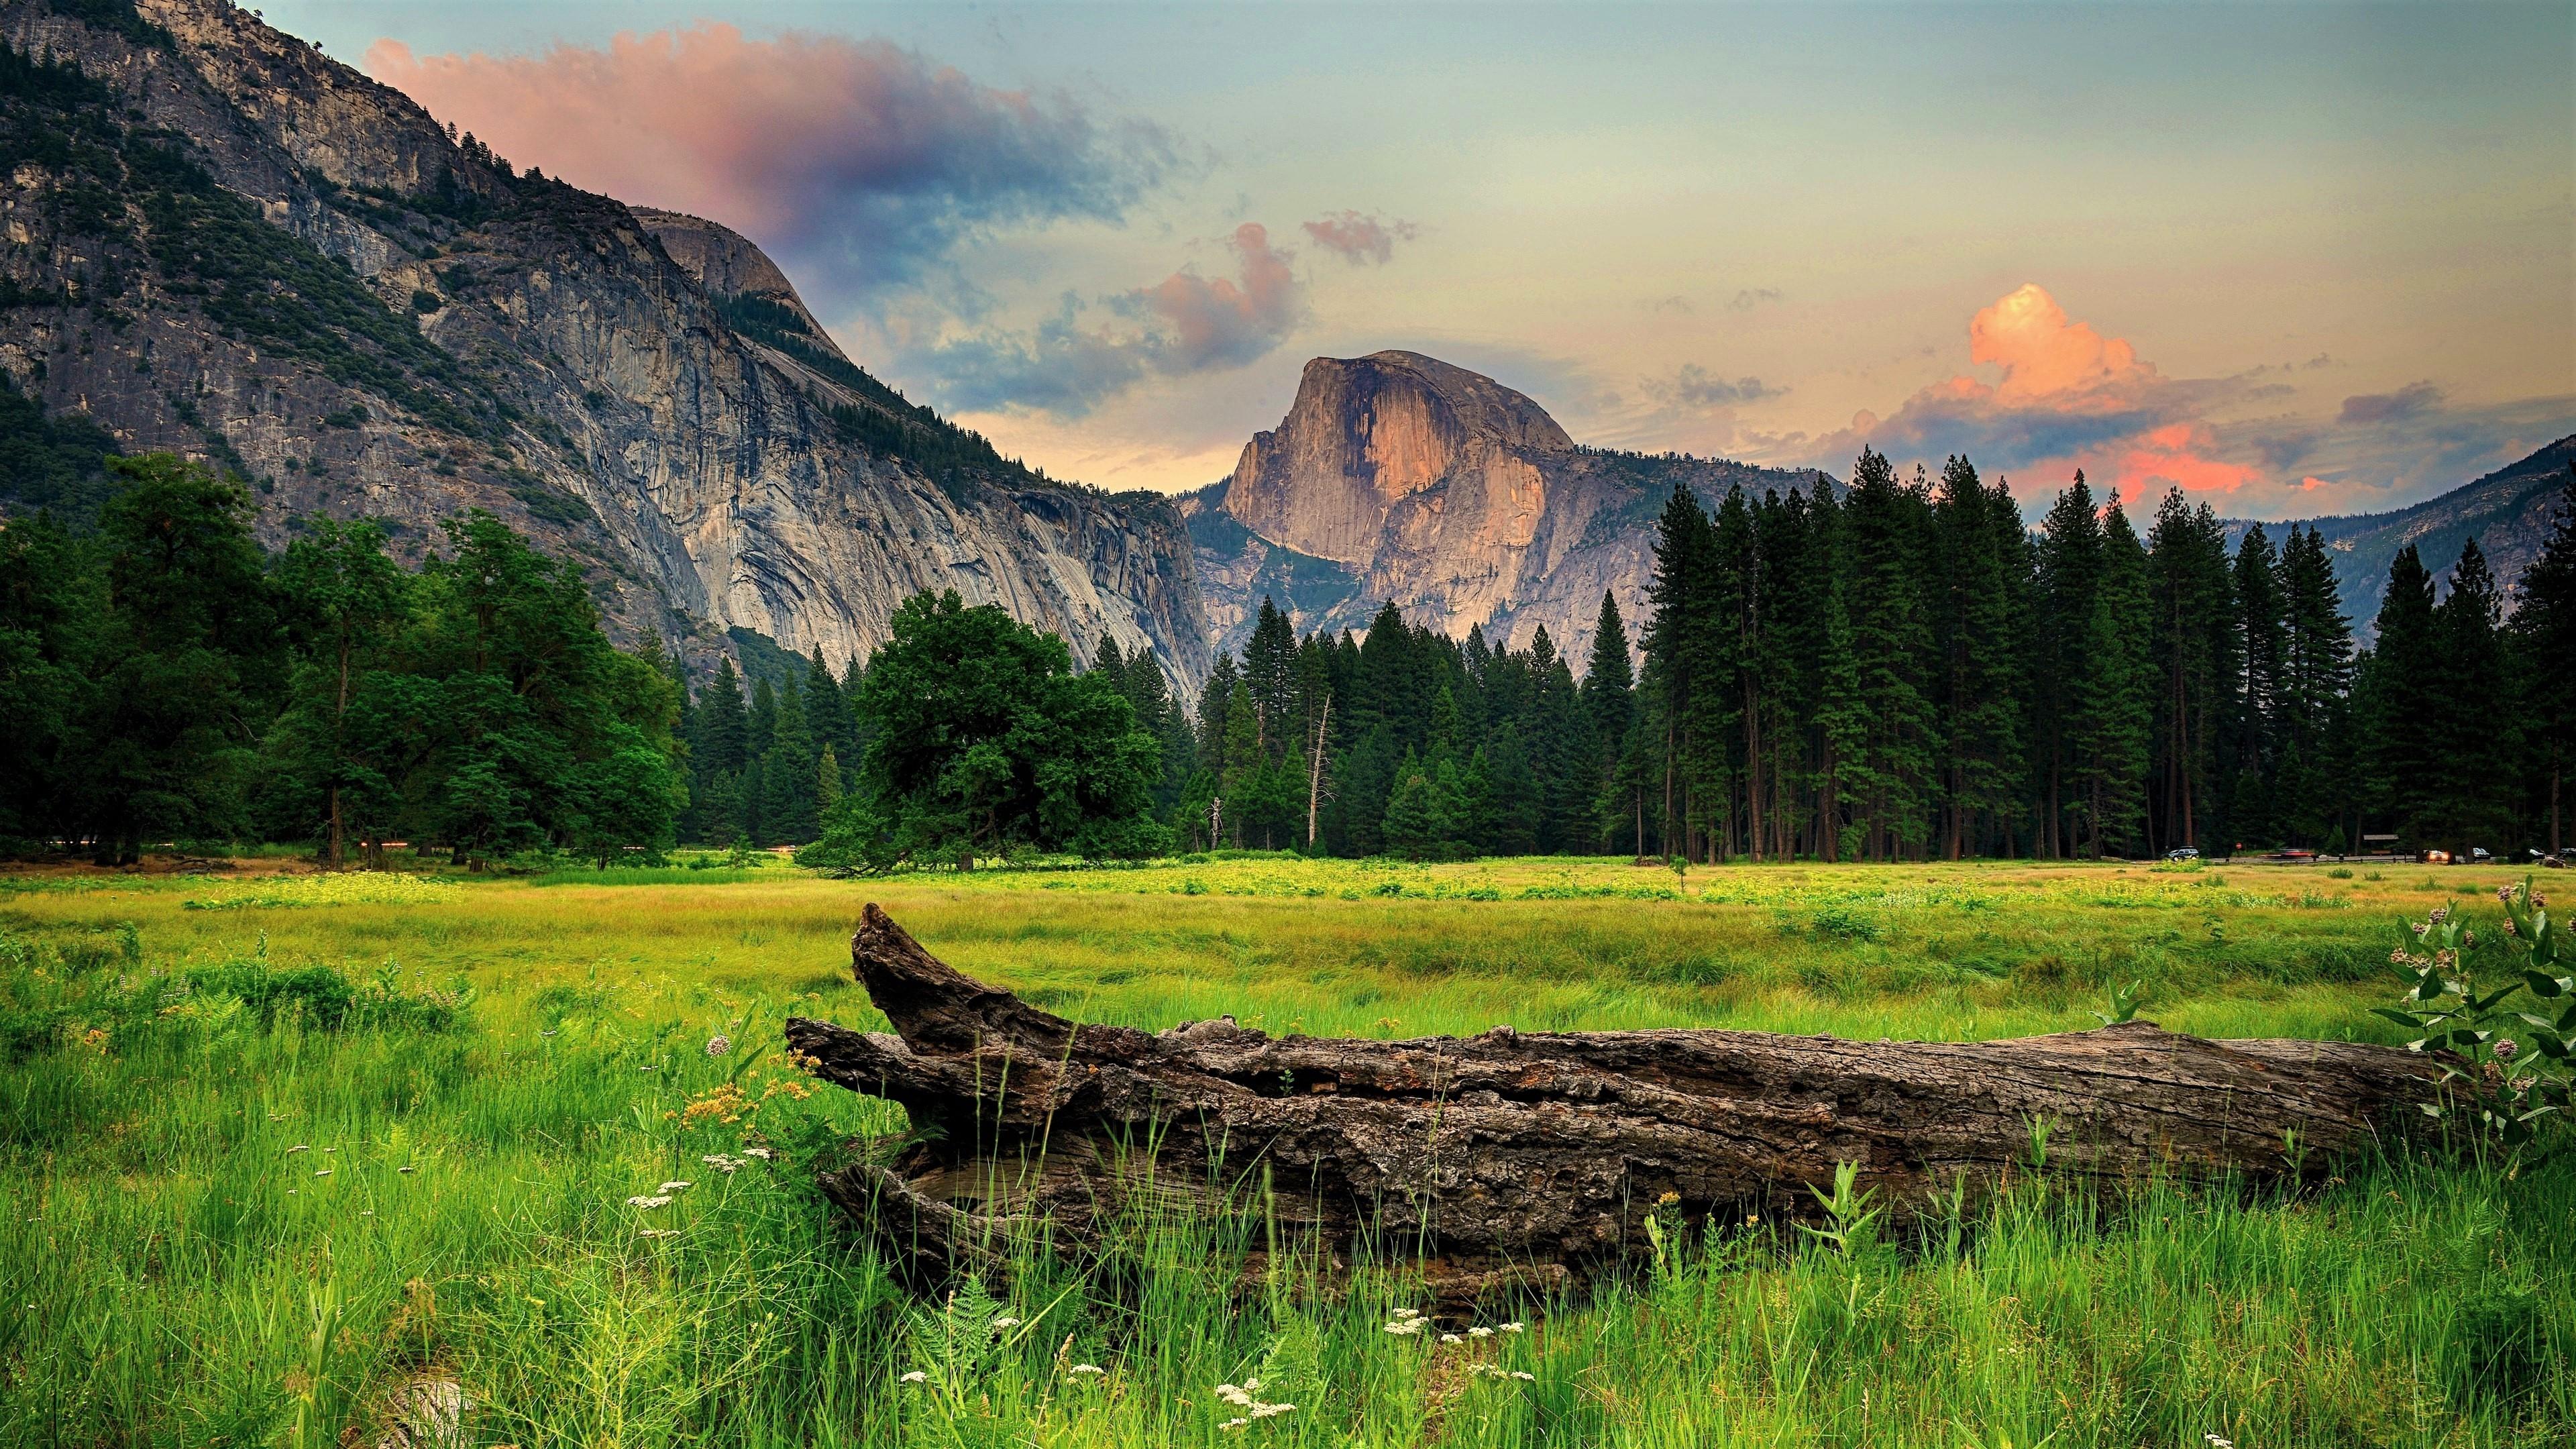 Mountain Landscape 4k Ultra HD Wallpaper